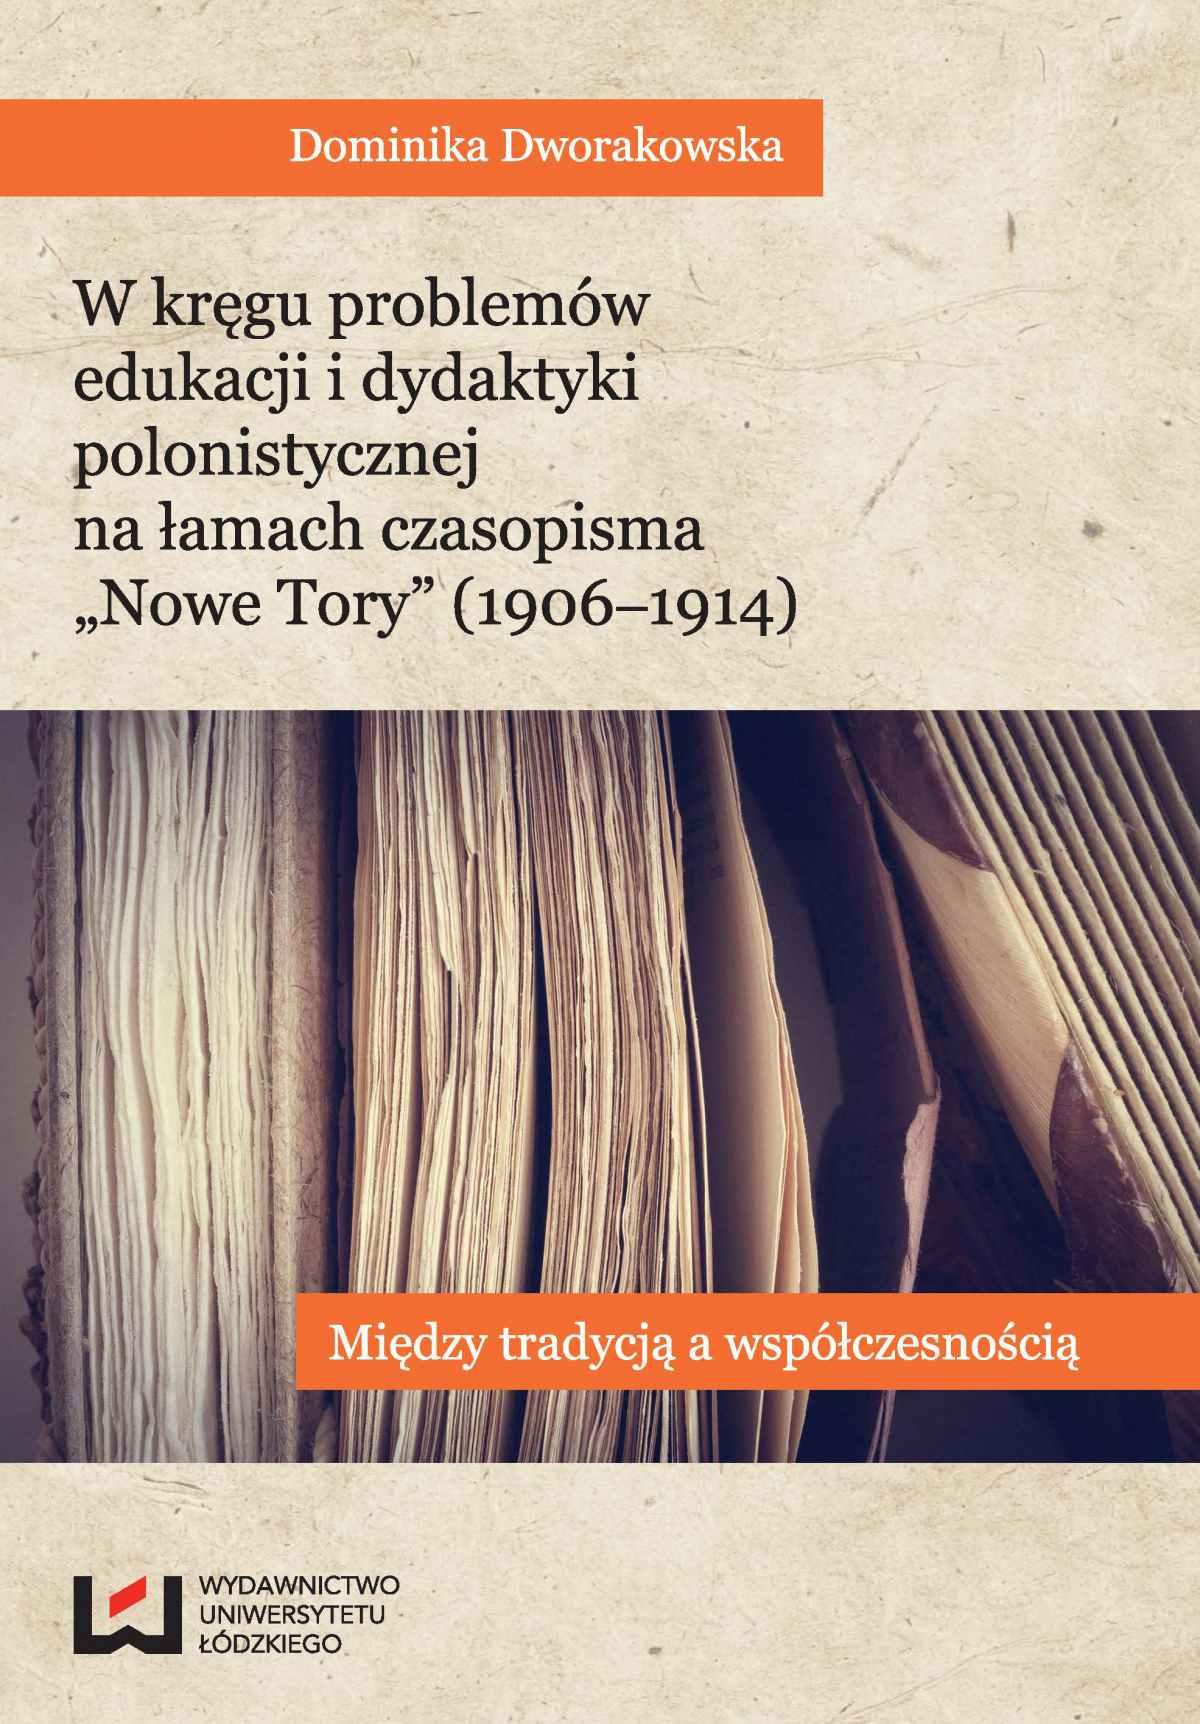 """W kręgu problemów edukacji i dydaktyki polonistycznej na łamach czasopisma """"Nowe Tory"""". Między tradycją a współczesnością - Ebook (Książka PDF) do pobrania w formacie PDF"""